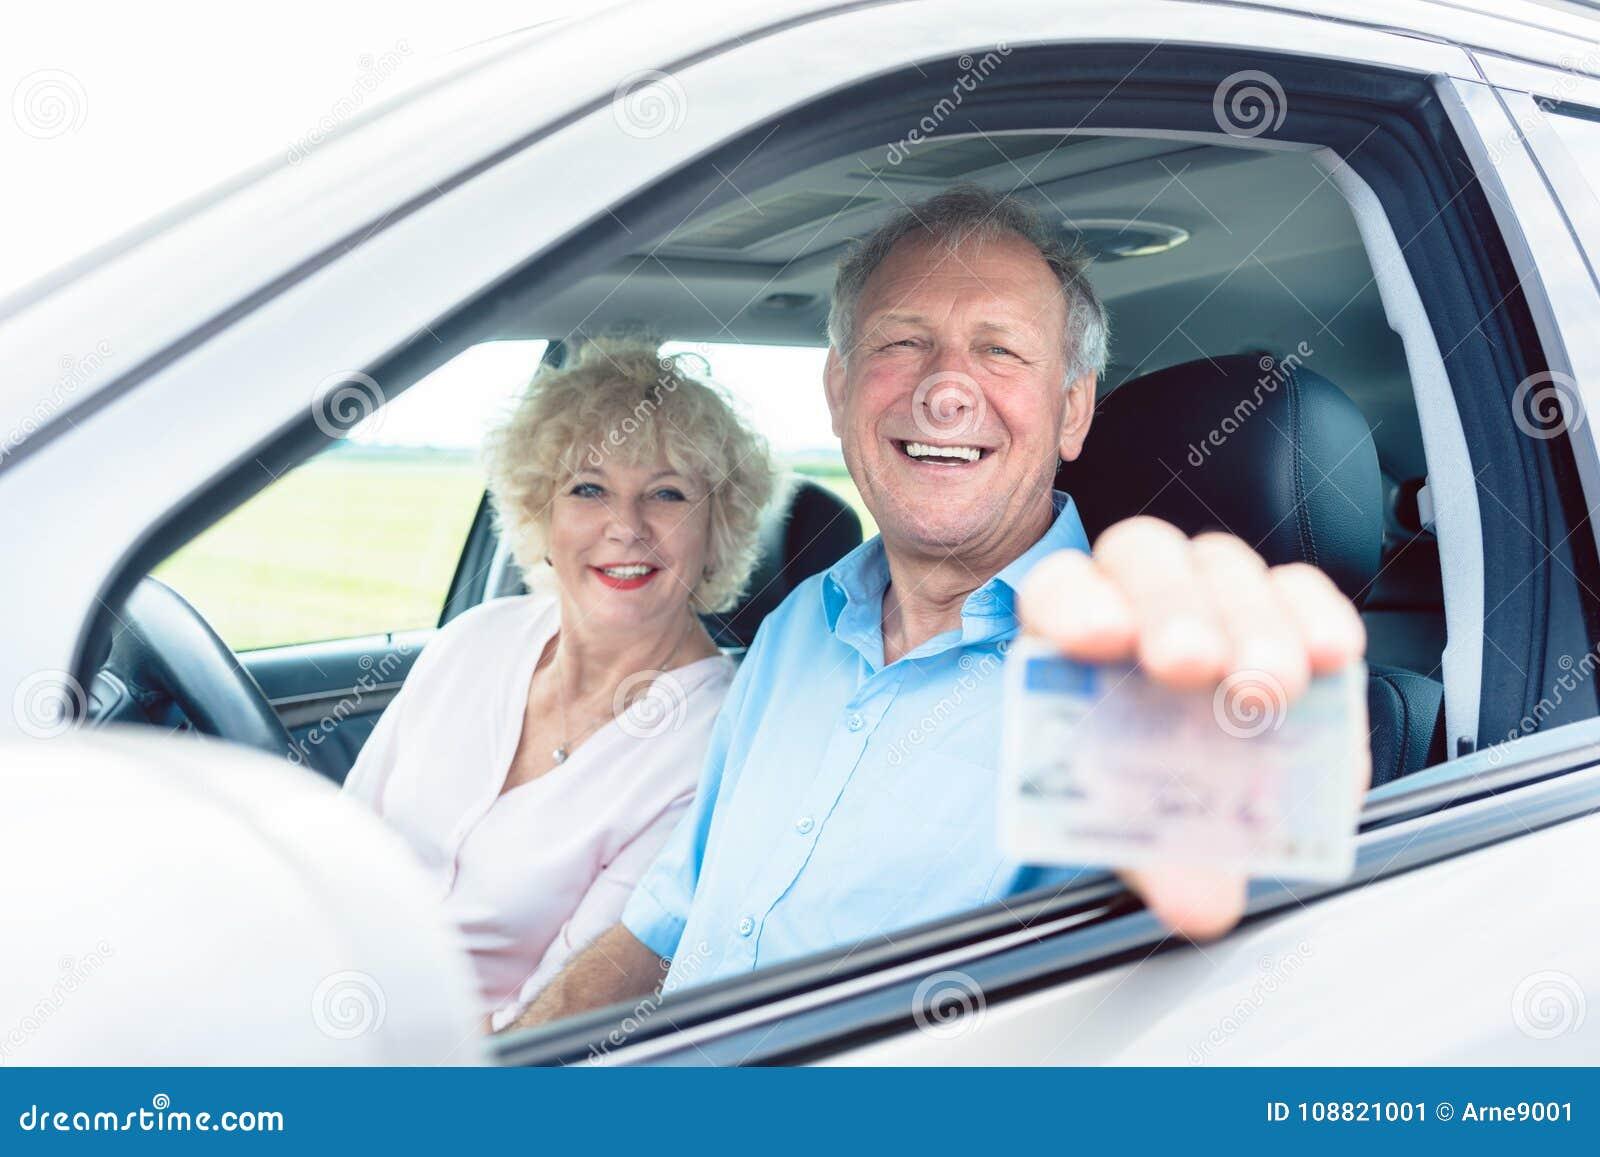 Retrato de un hombre mayor feliz que muestra su carné de conducir mientras que